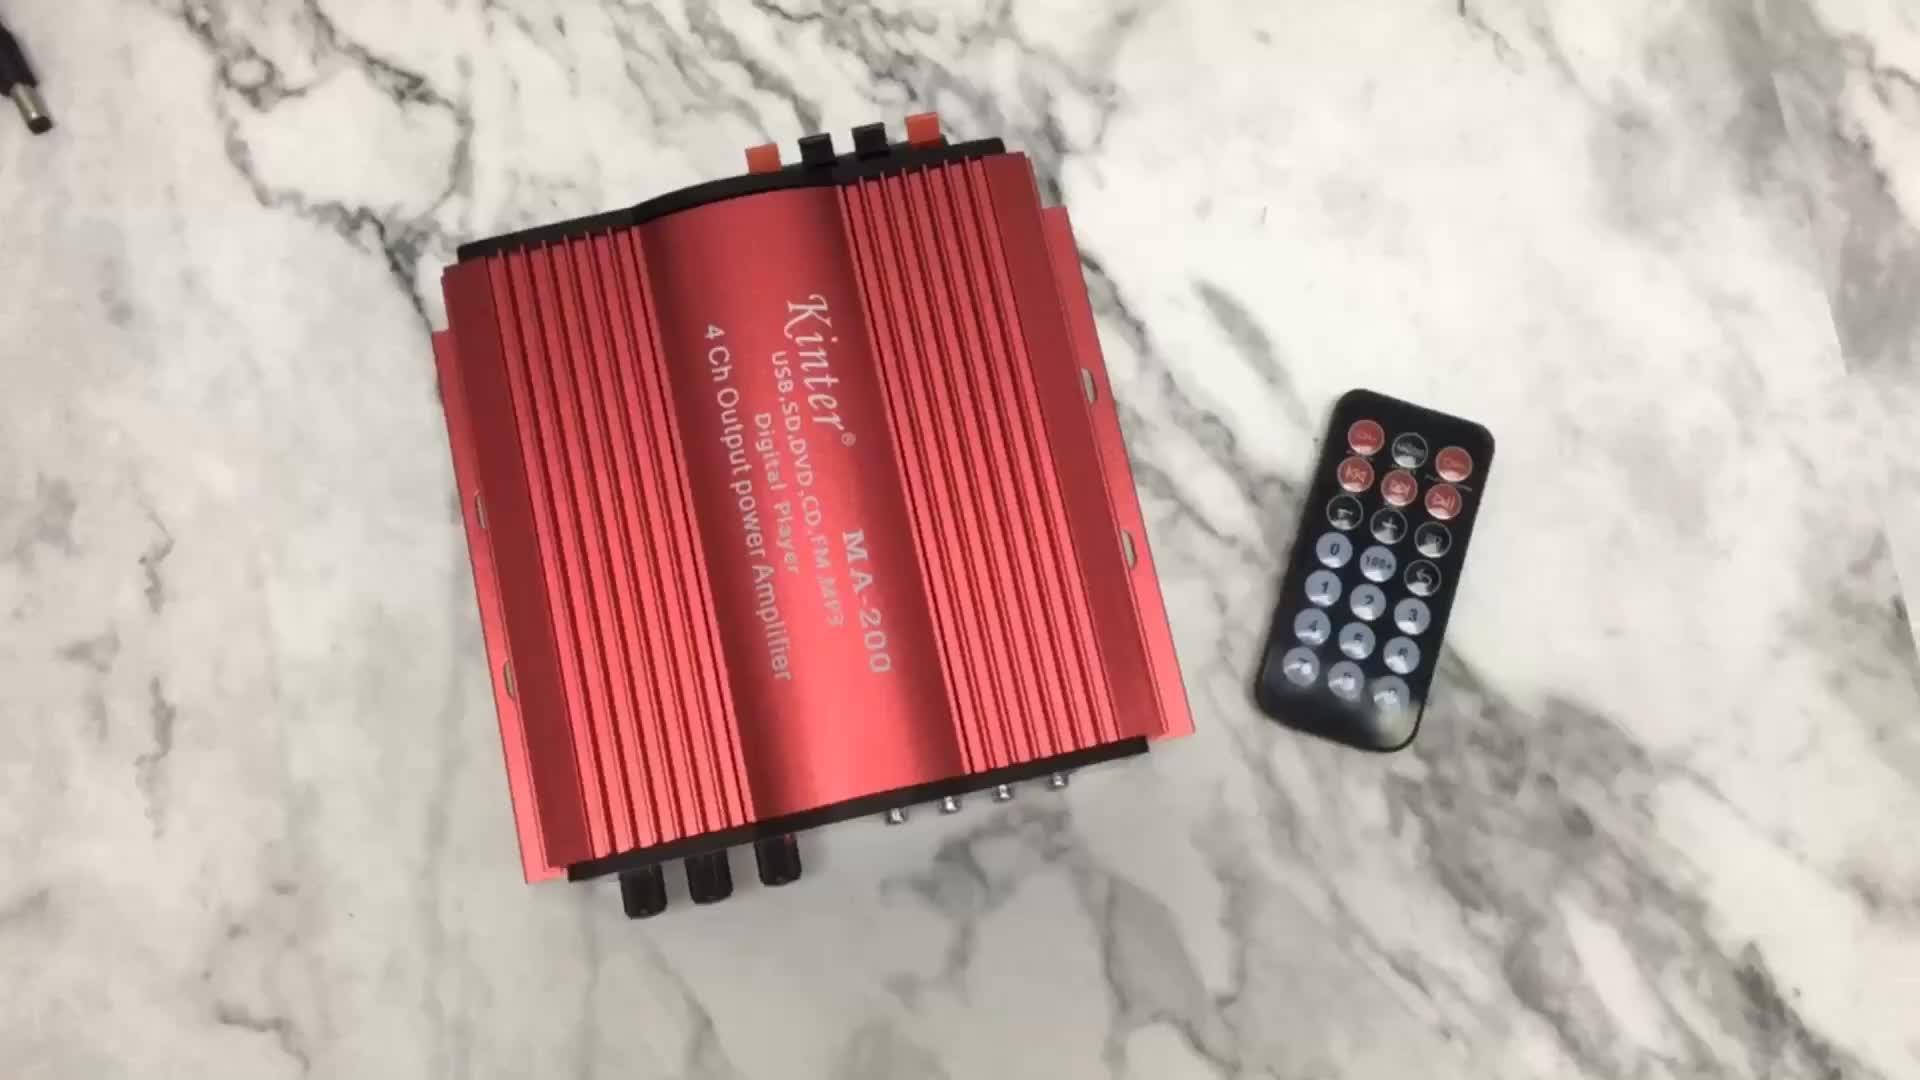 Kinter MA-200 4 channel hifi power amplifier 12v car amplifiers audio